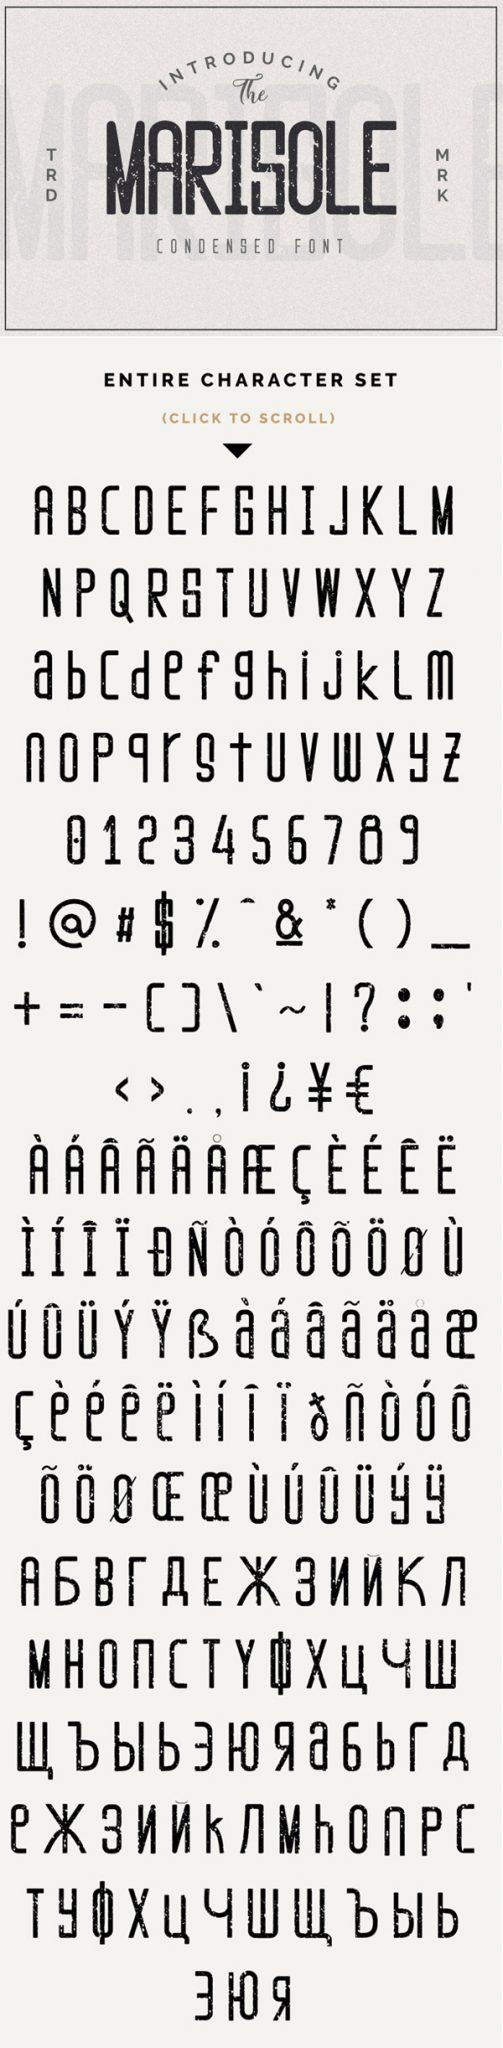 Descargar Marisole Vintage Textured Vintage Font Gratis